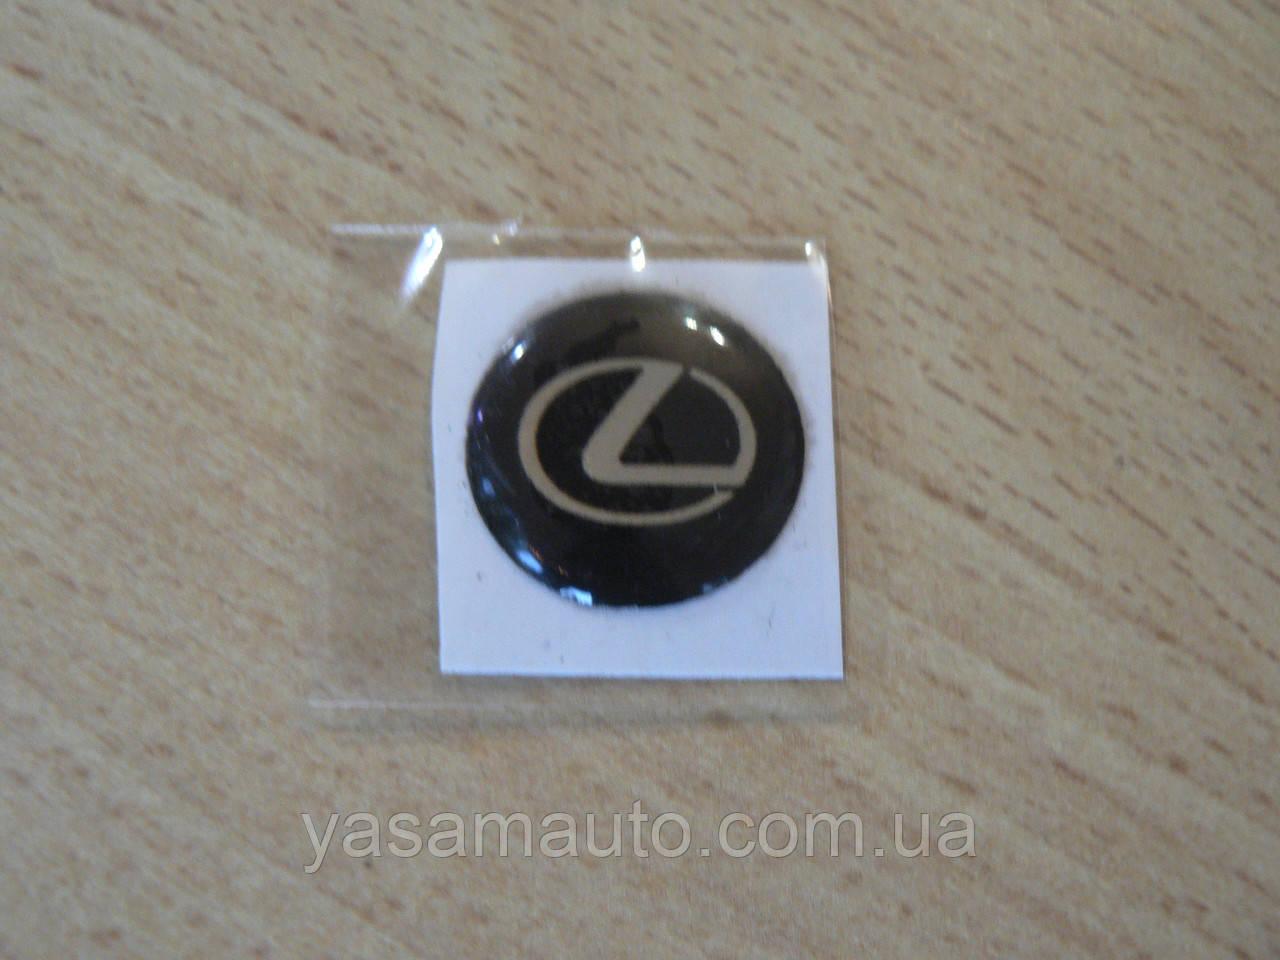 Наклейка s круглая Lexus 20х20х1.2мм силиконовая эмблема логотип марка бренд в круге на авто Лексус